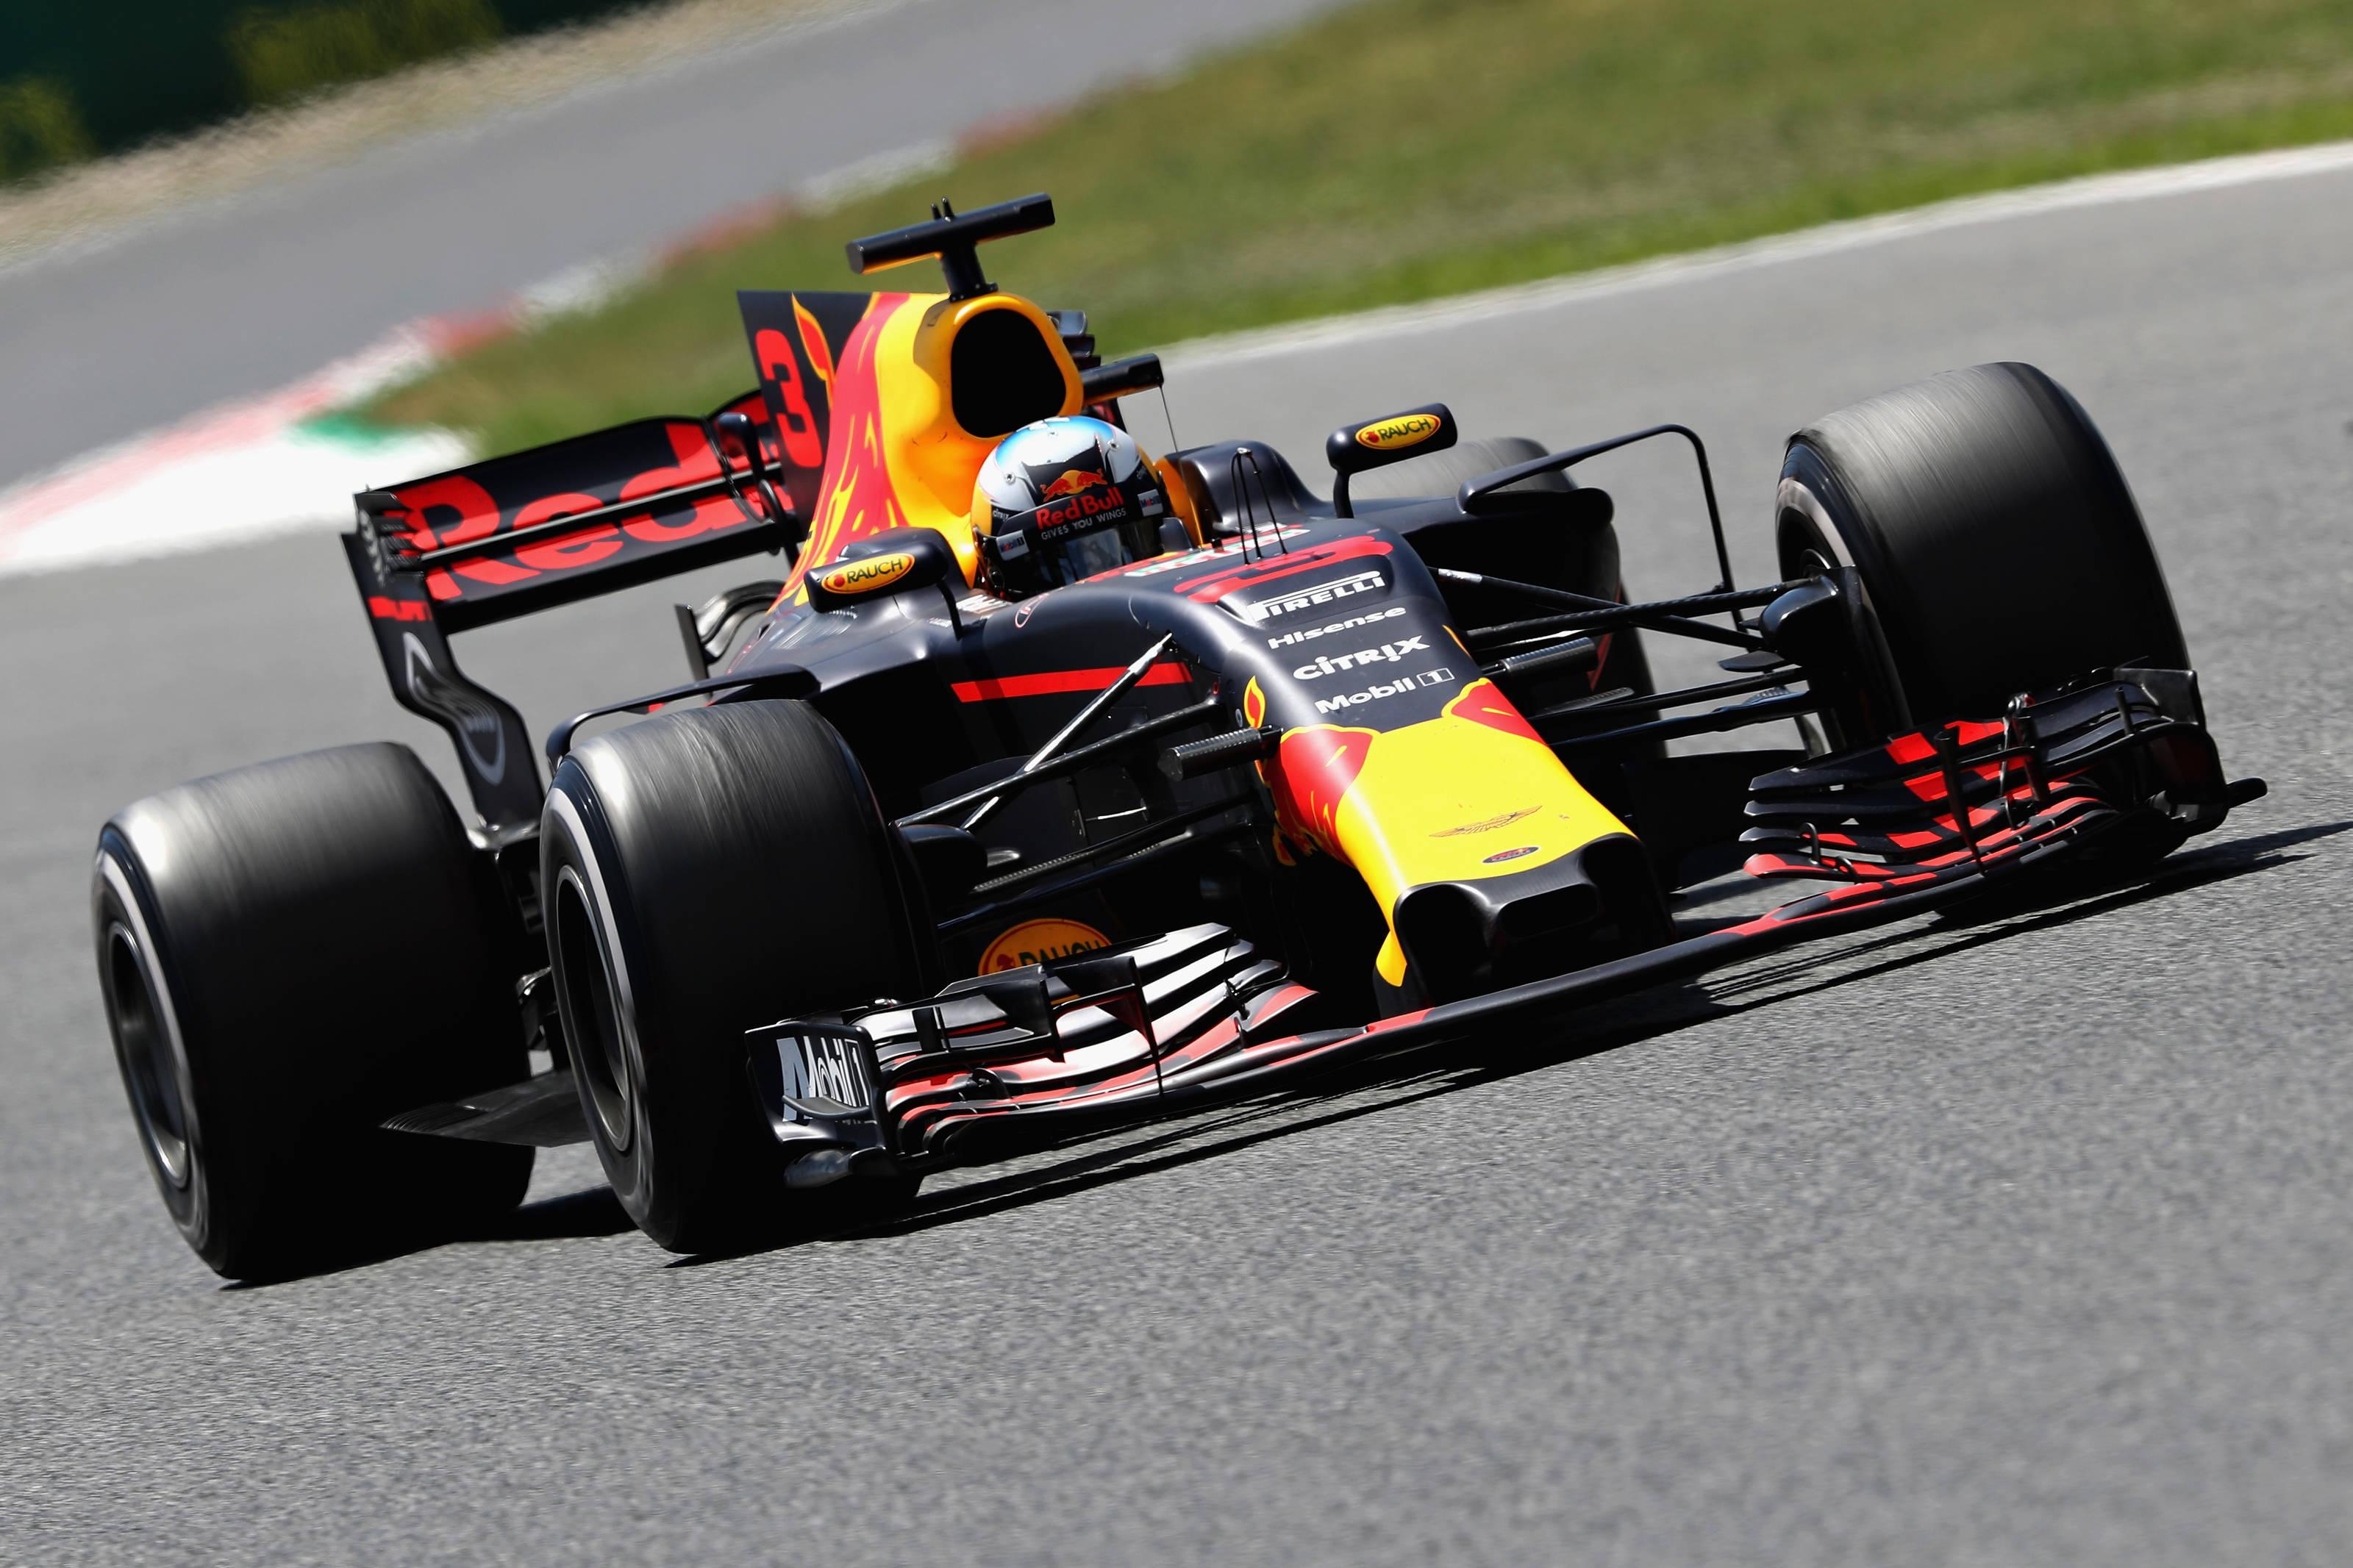 Ricciardo's first podium finish of F1 year